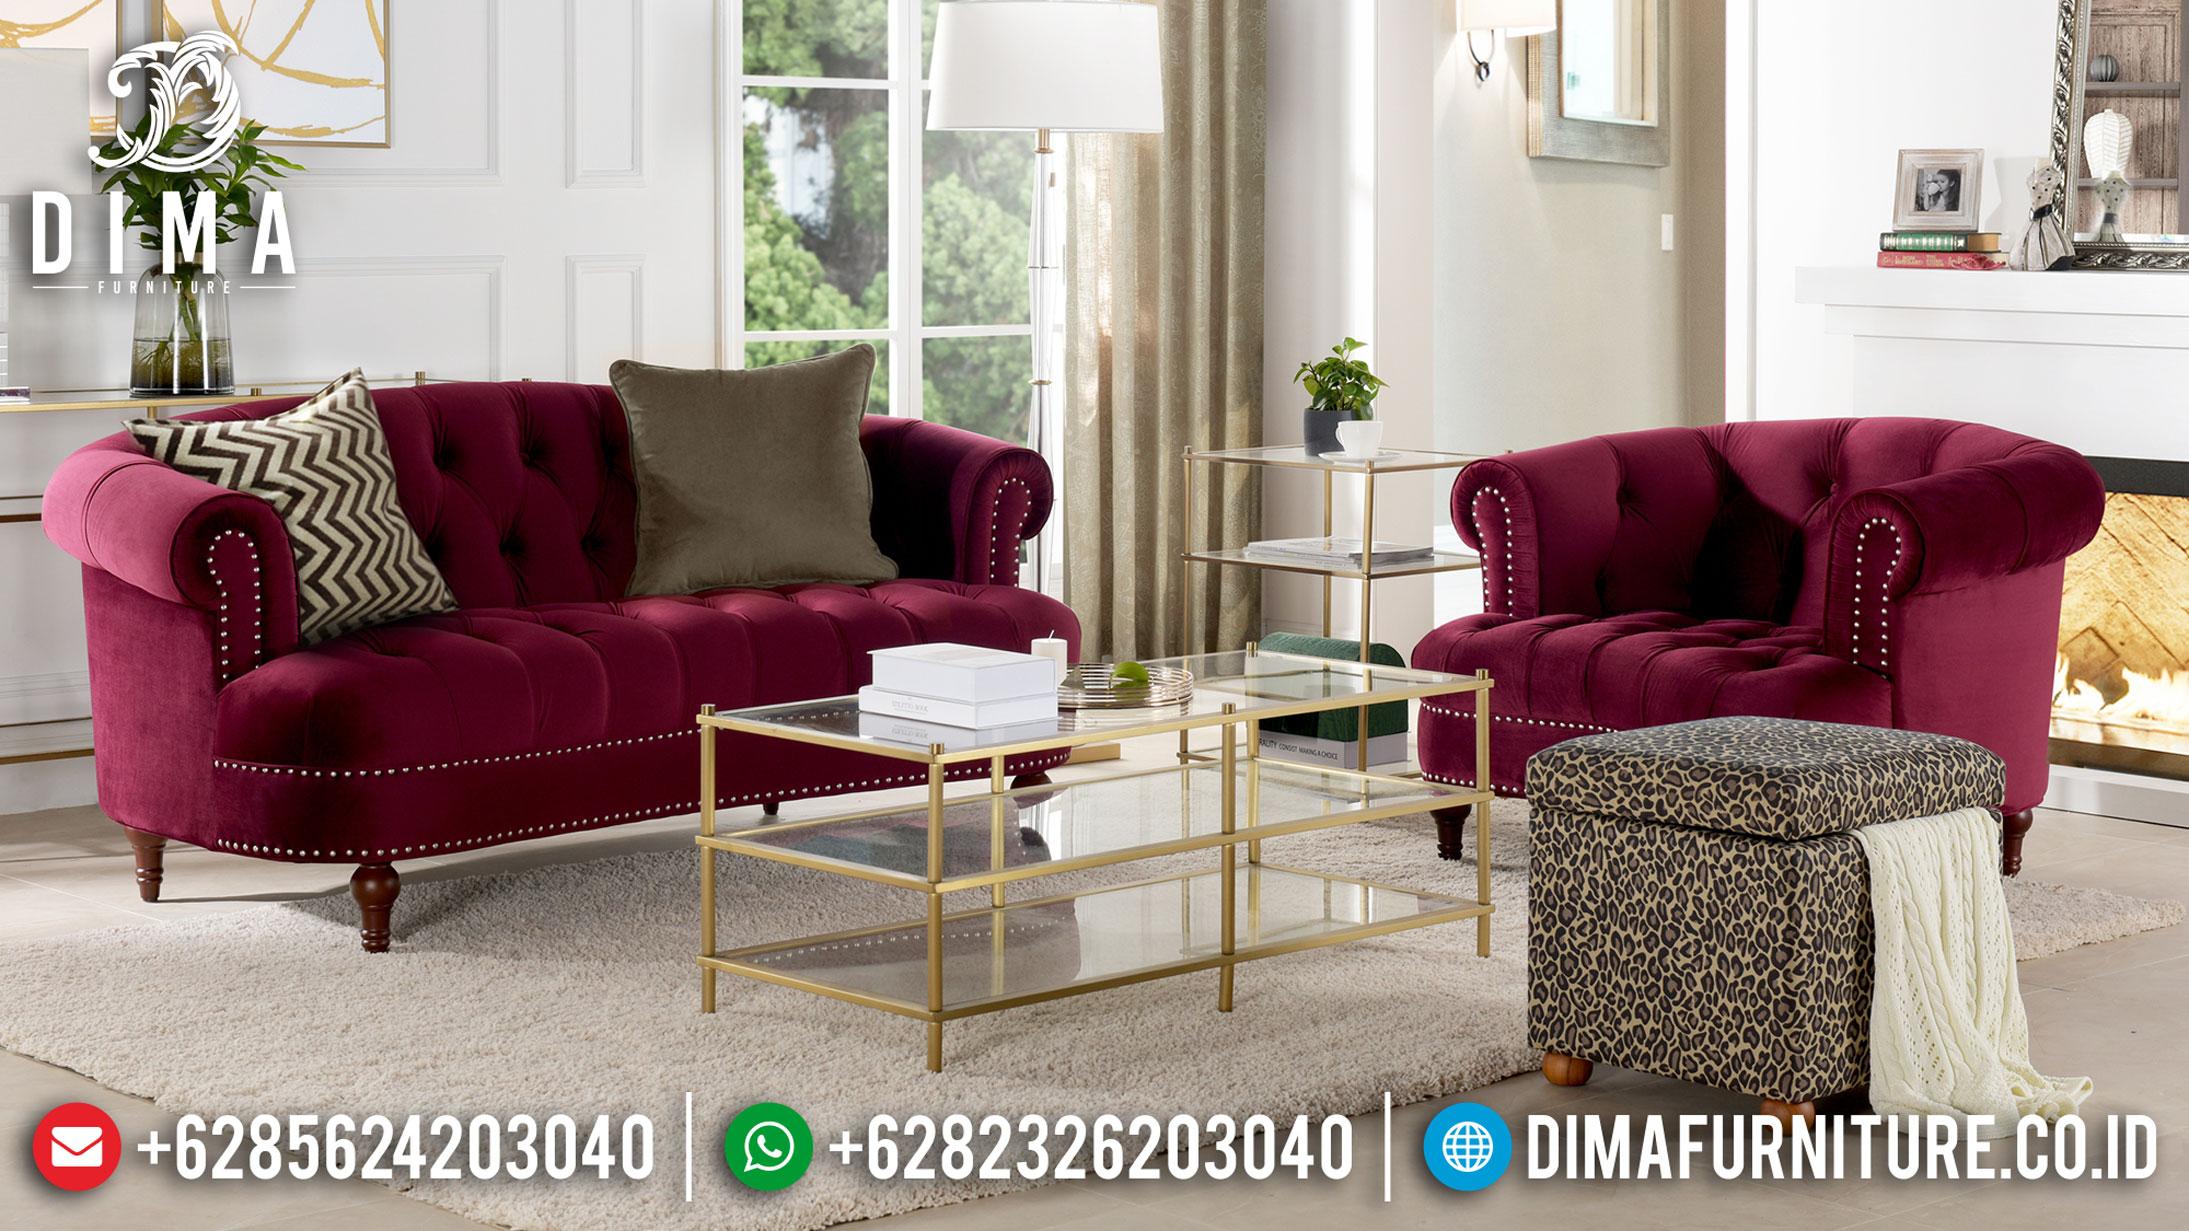 Red Maroon Sofa Tamu Minimalis Stainless Steel Design Interior Minimalist BT-0860